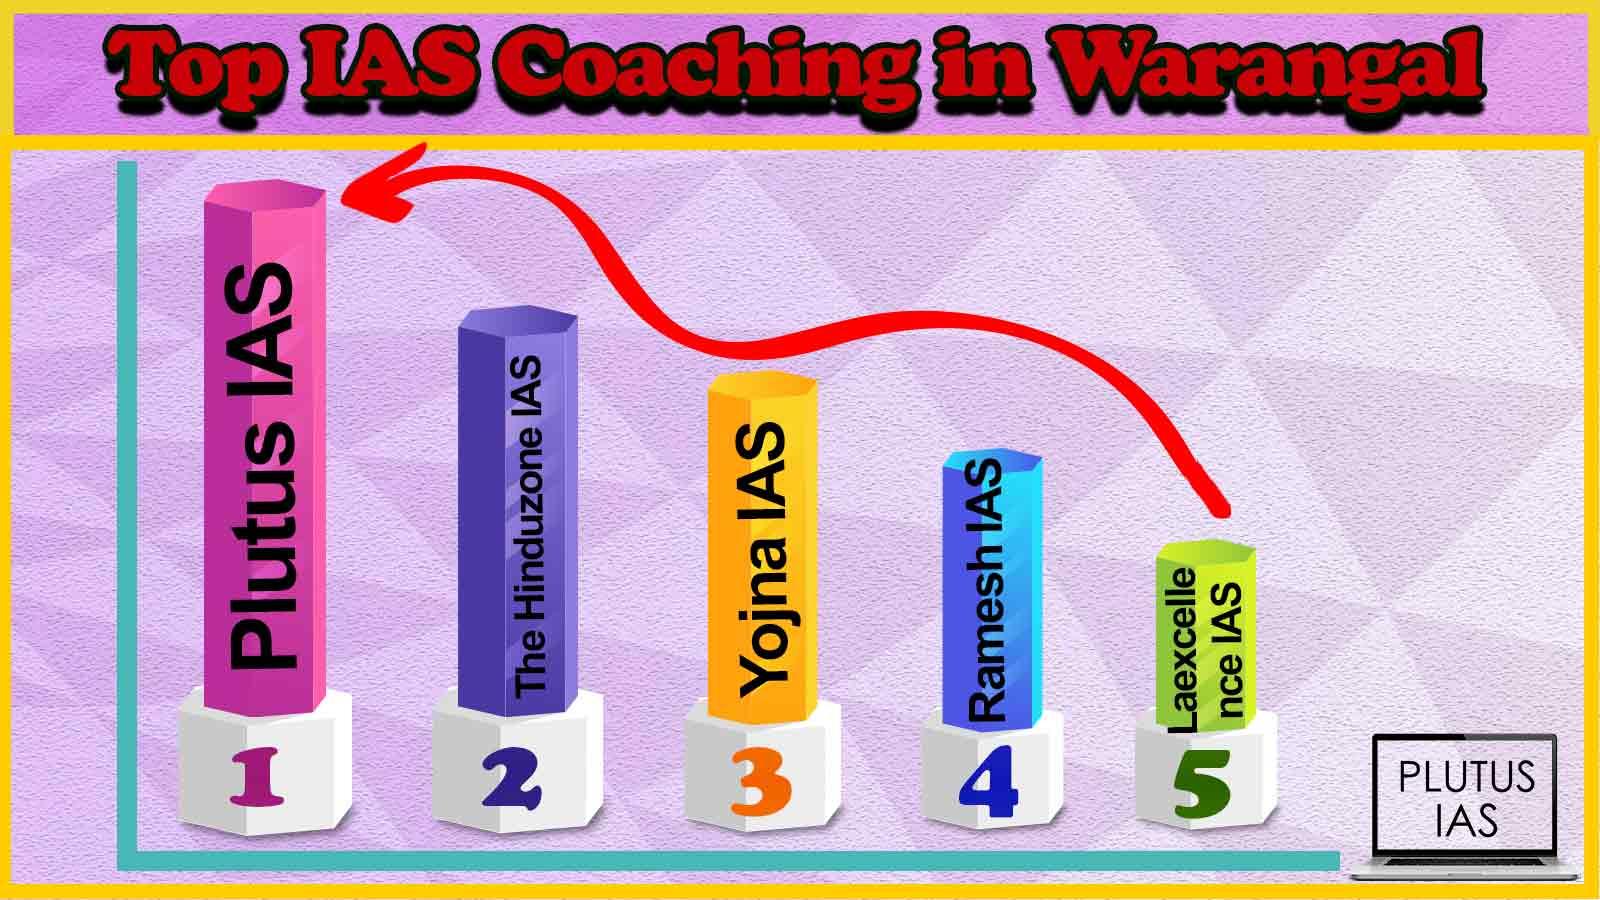 Best 10 IAS Coaching in Warangal